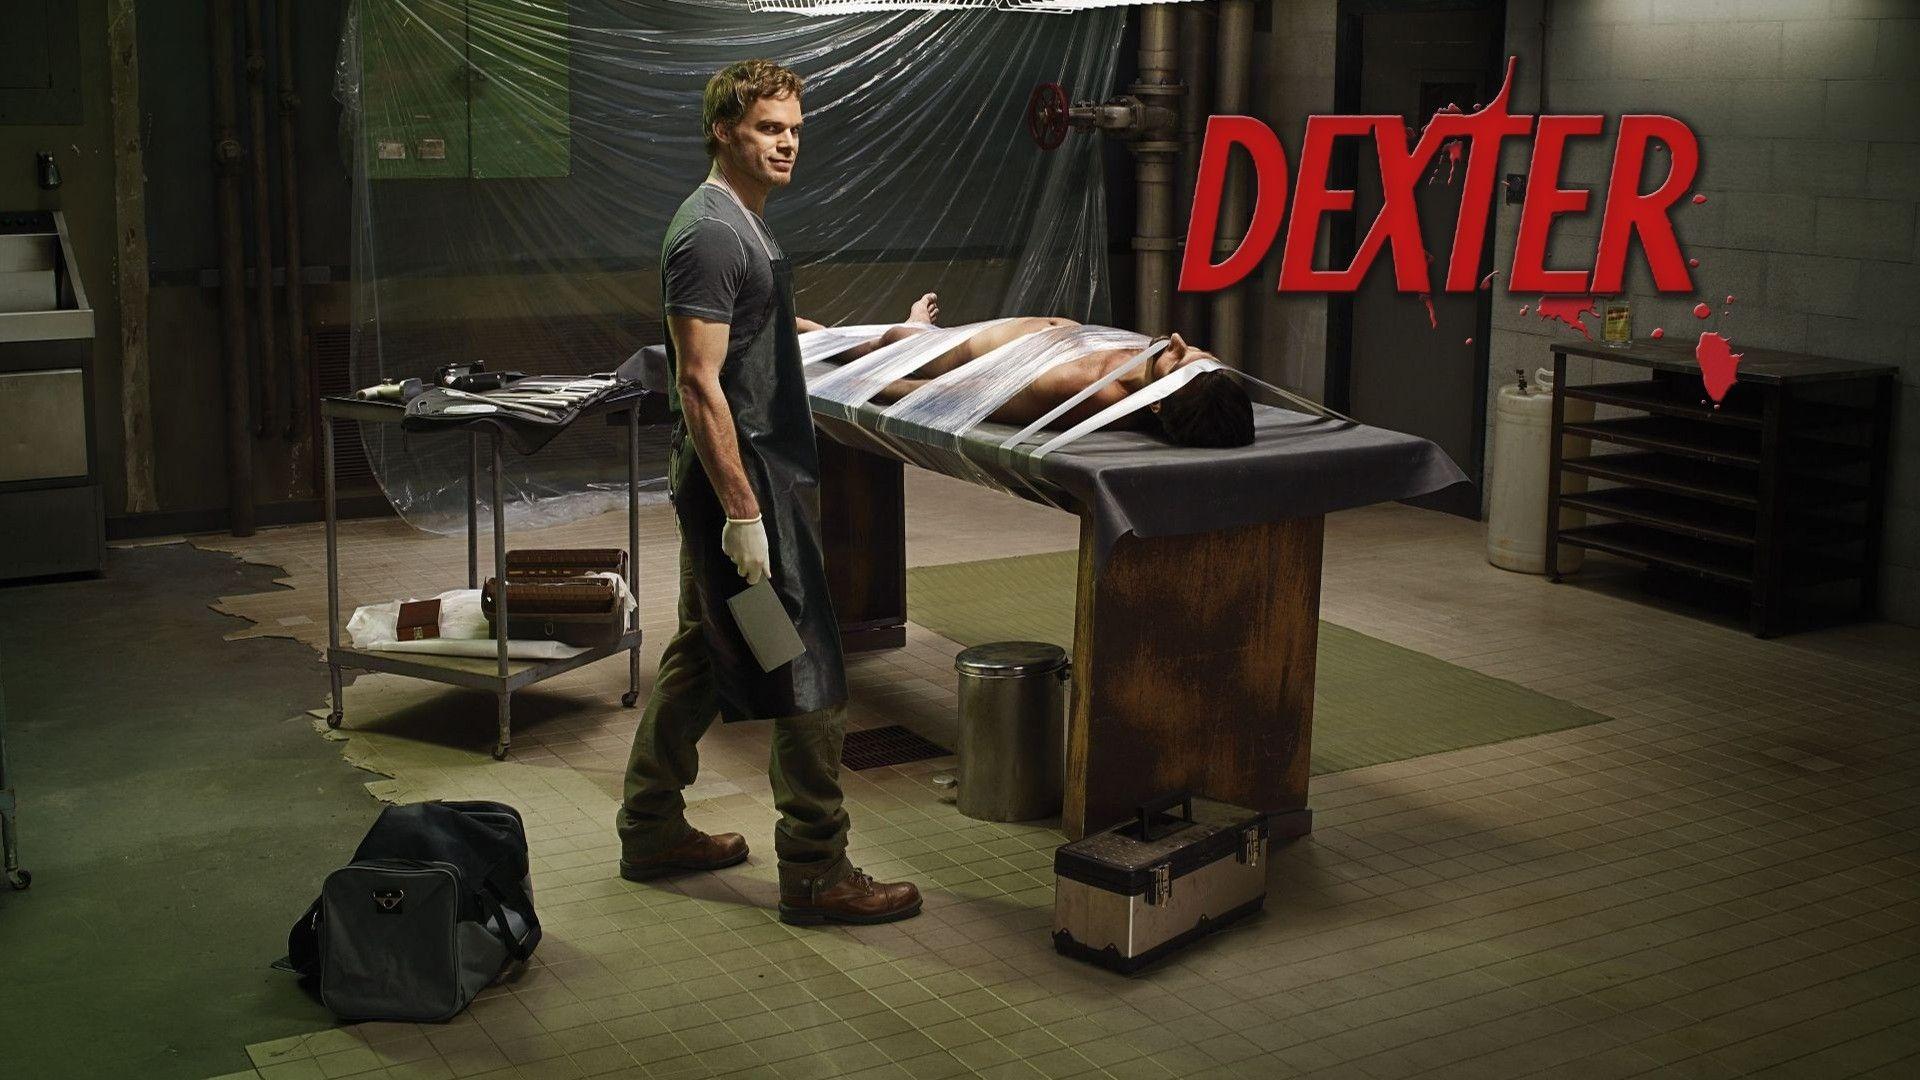 Dexter Computer Wallpapers Desktop Backgrounds 1920x1080 Id 301996 In 2020 Dexter Wallpaper Dexter Morgan Dexter